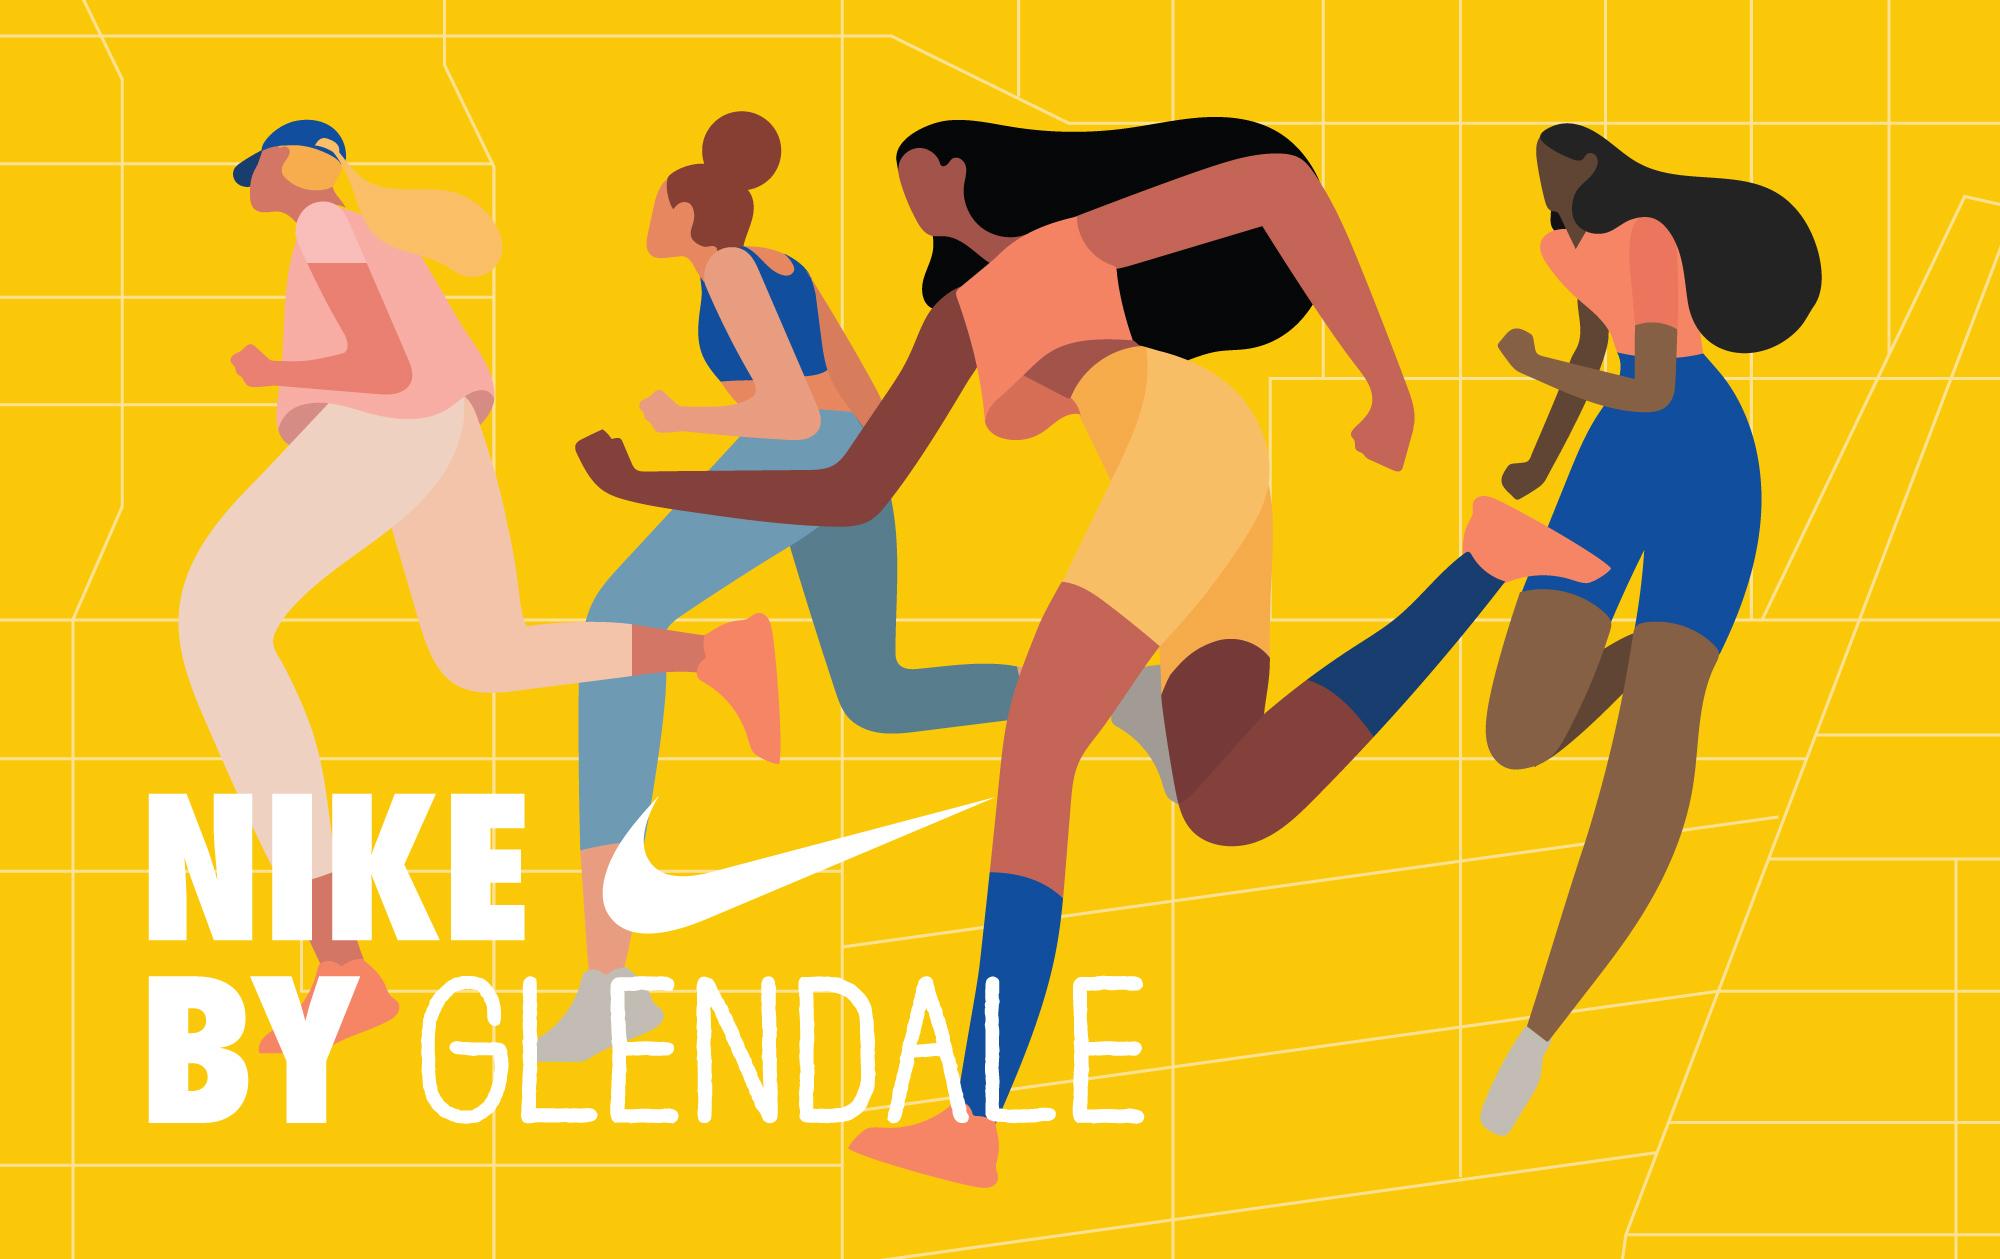 AP_Xoana_Herrera_NikeByGlendale_GiftCard_2x